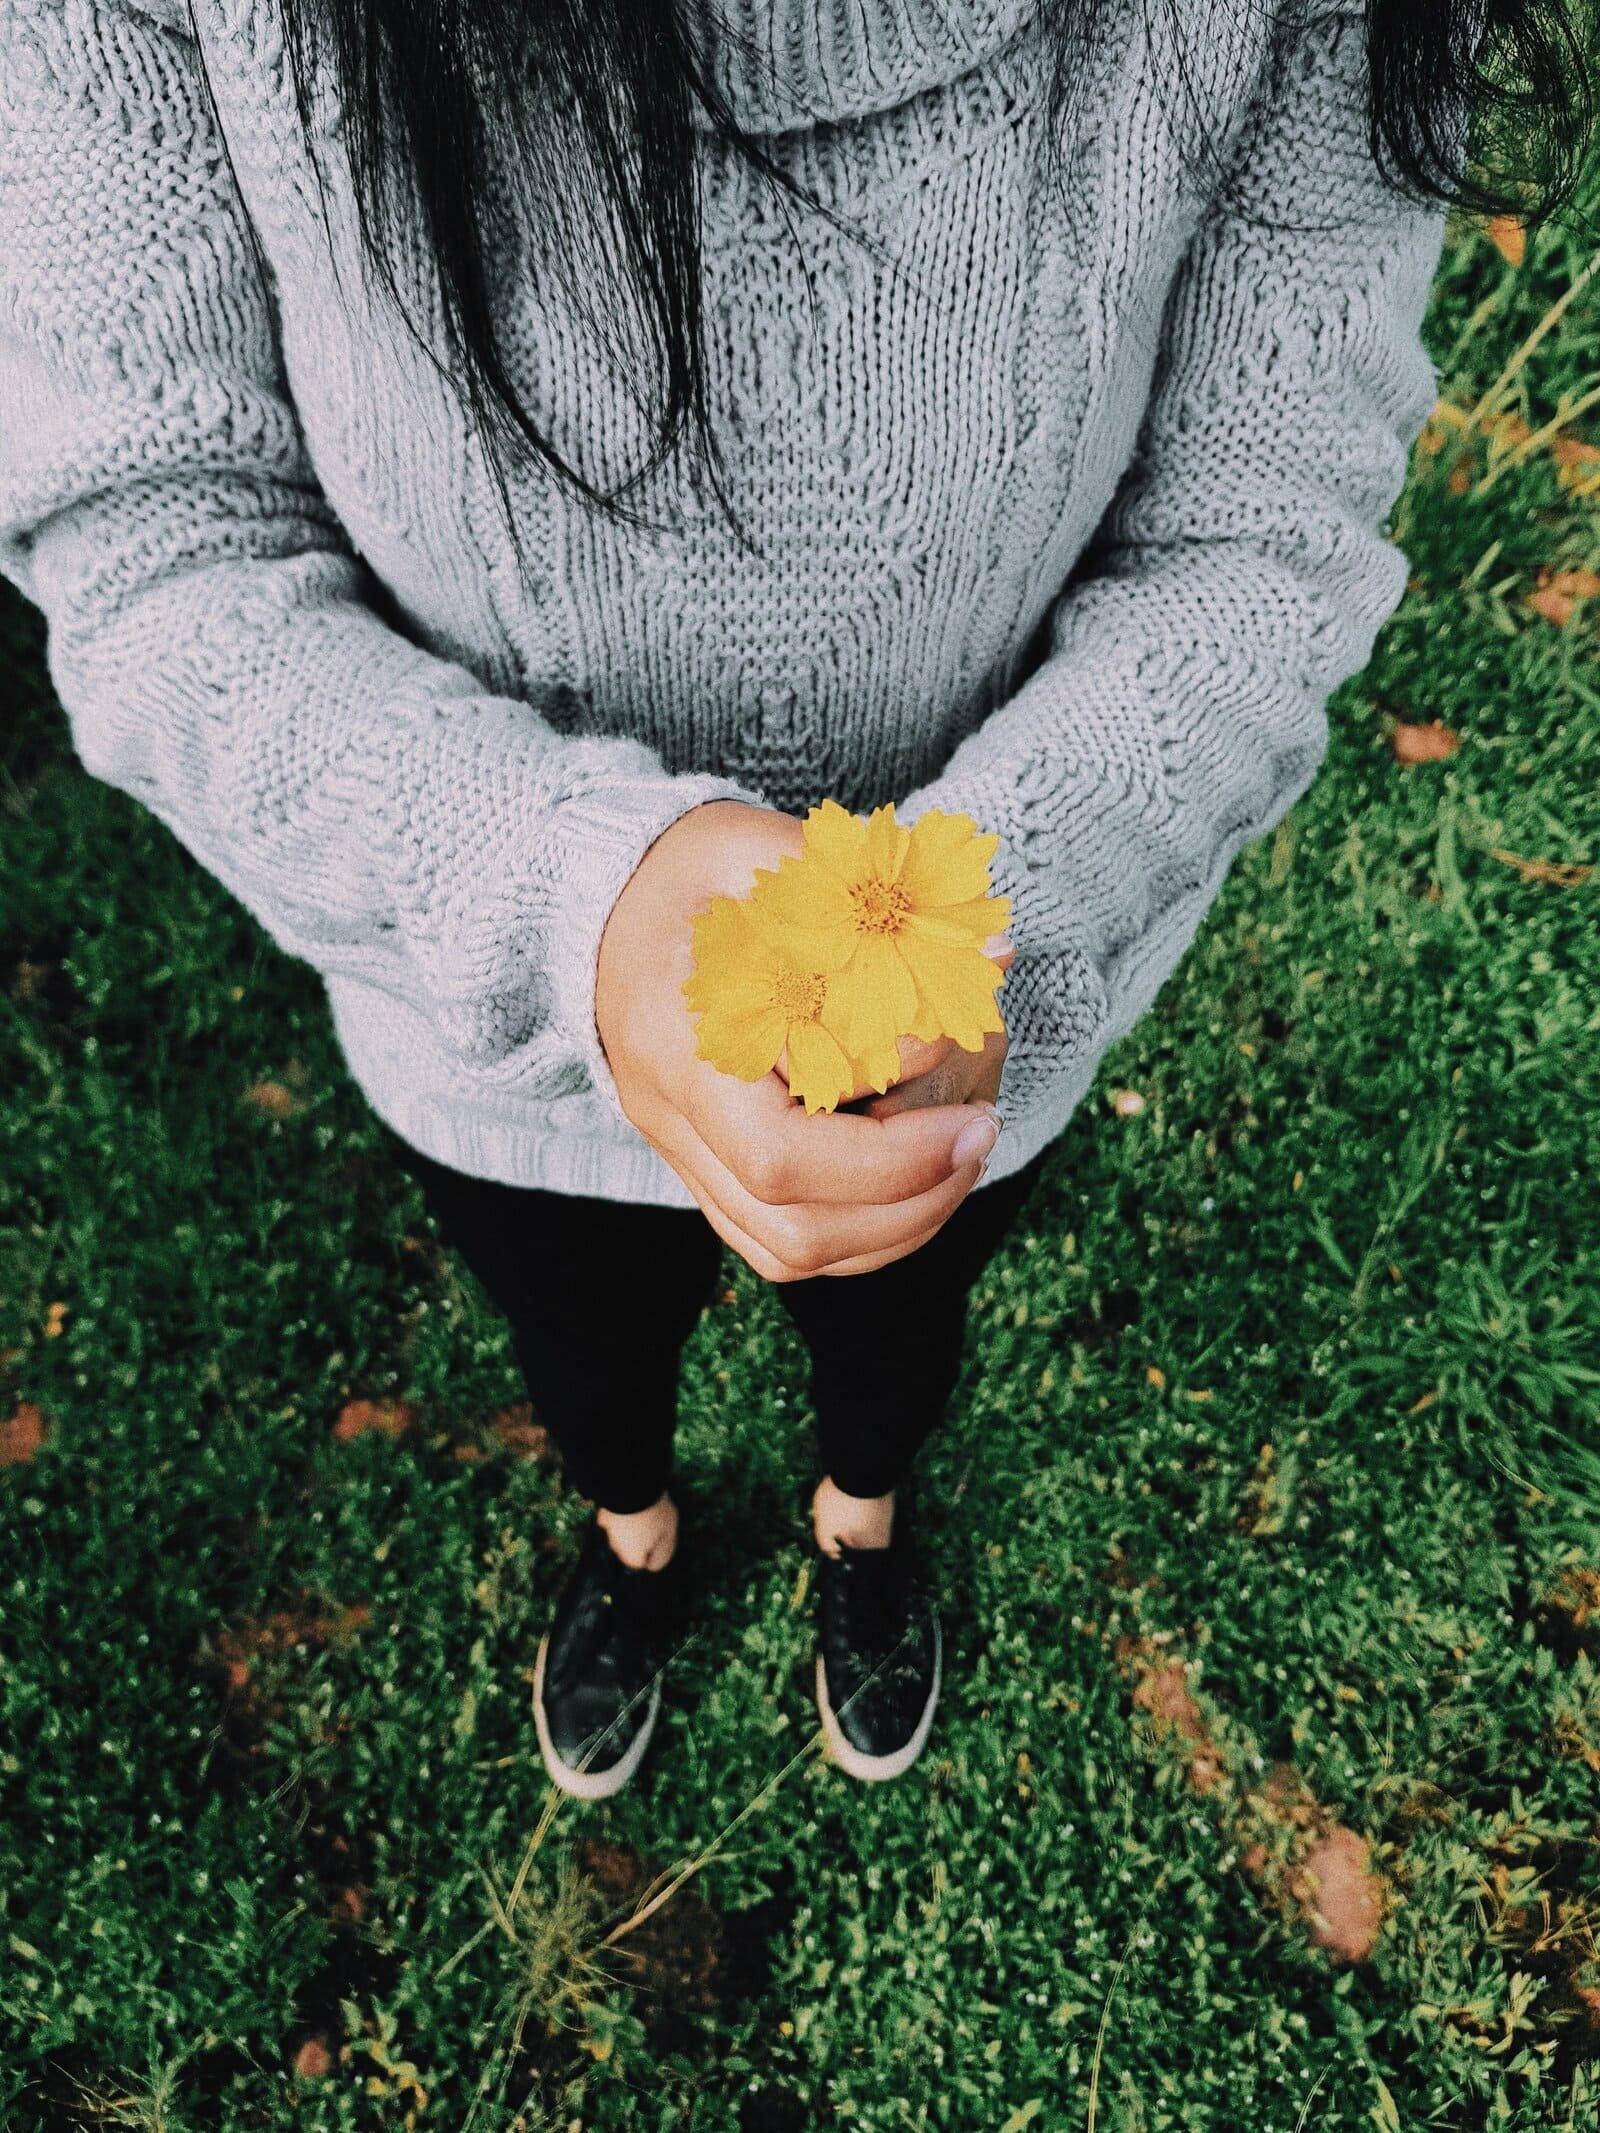 Mulher segurando flor amarela